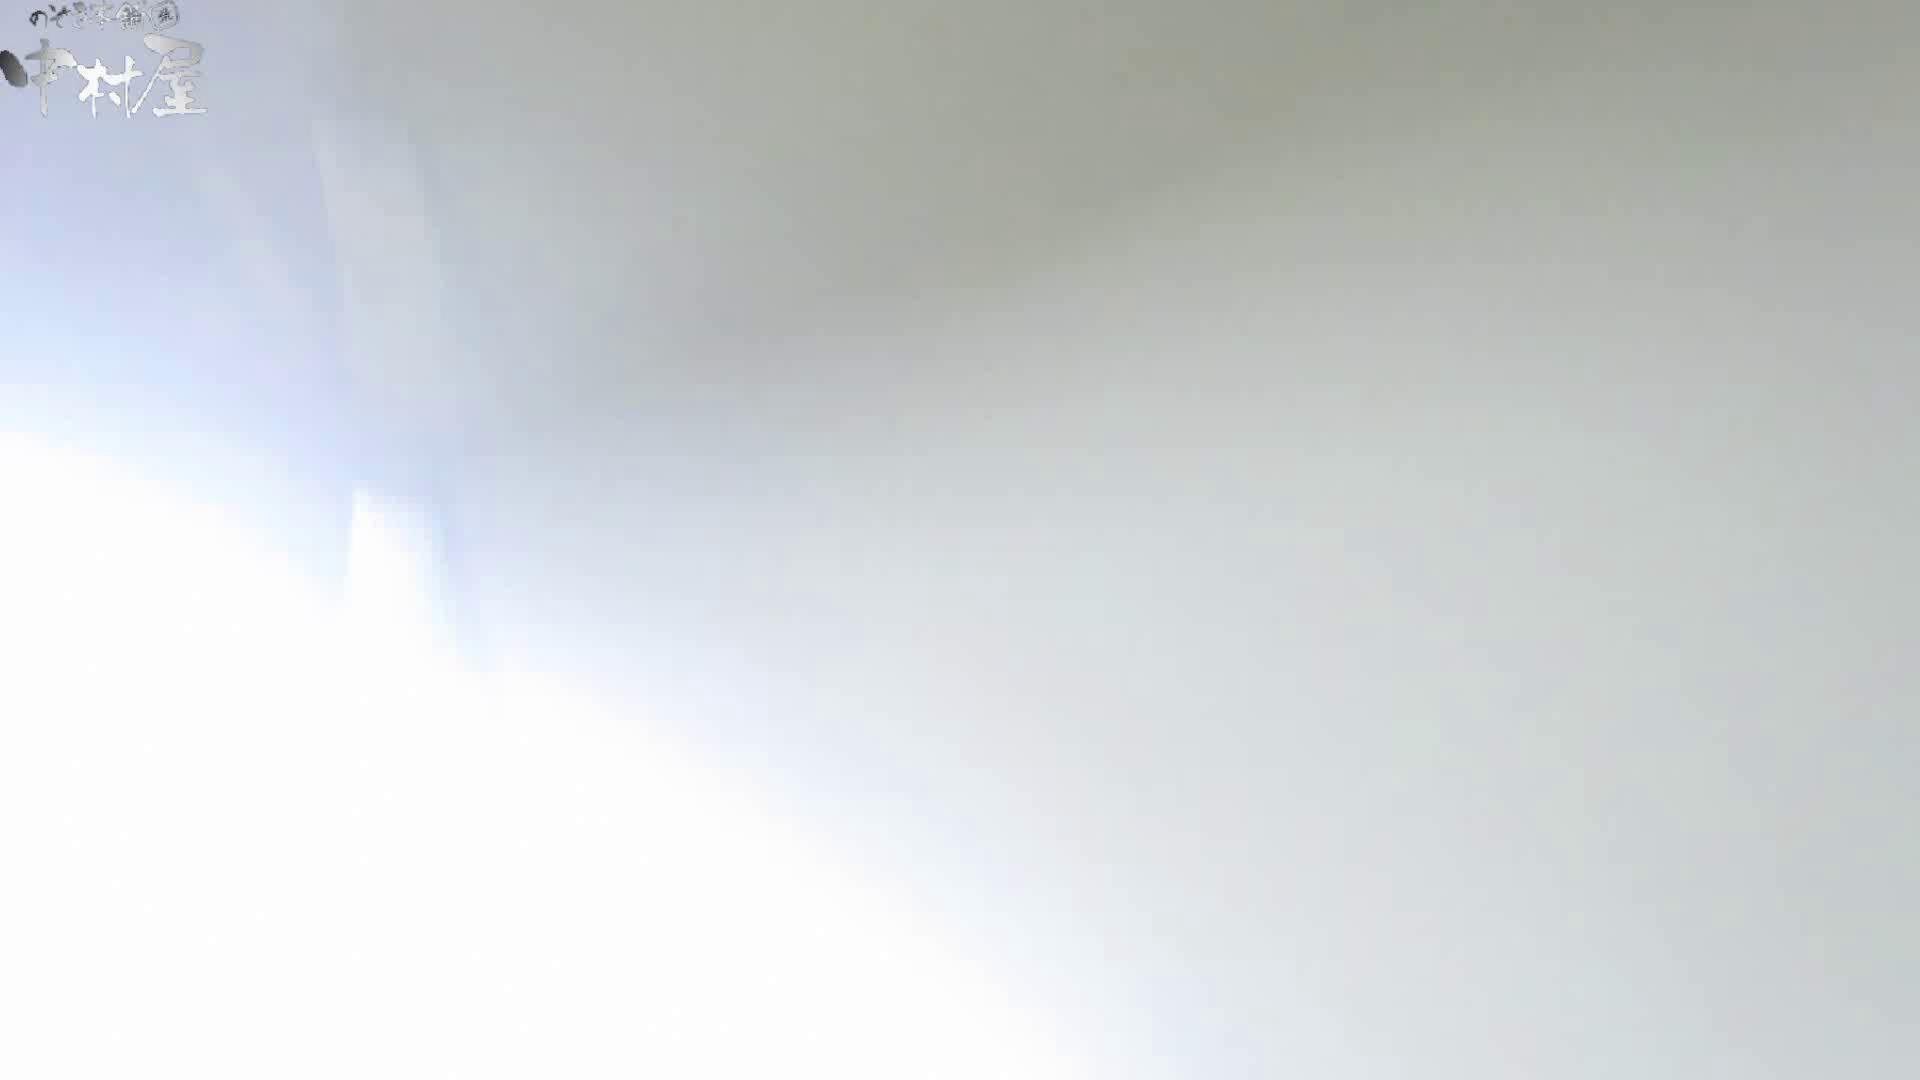 魂のかわや盗撮62連発! 中腰でオマンコパカァ~ 44発目! マンコ  83pic 41